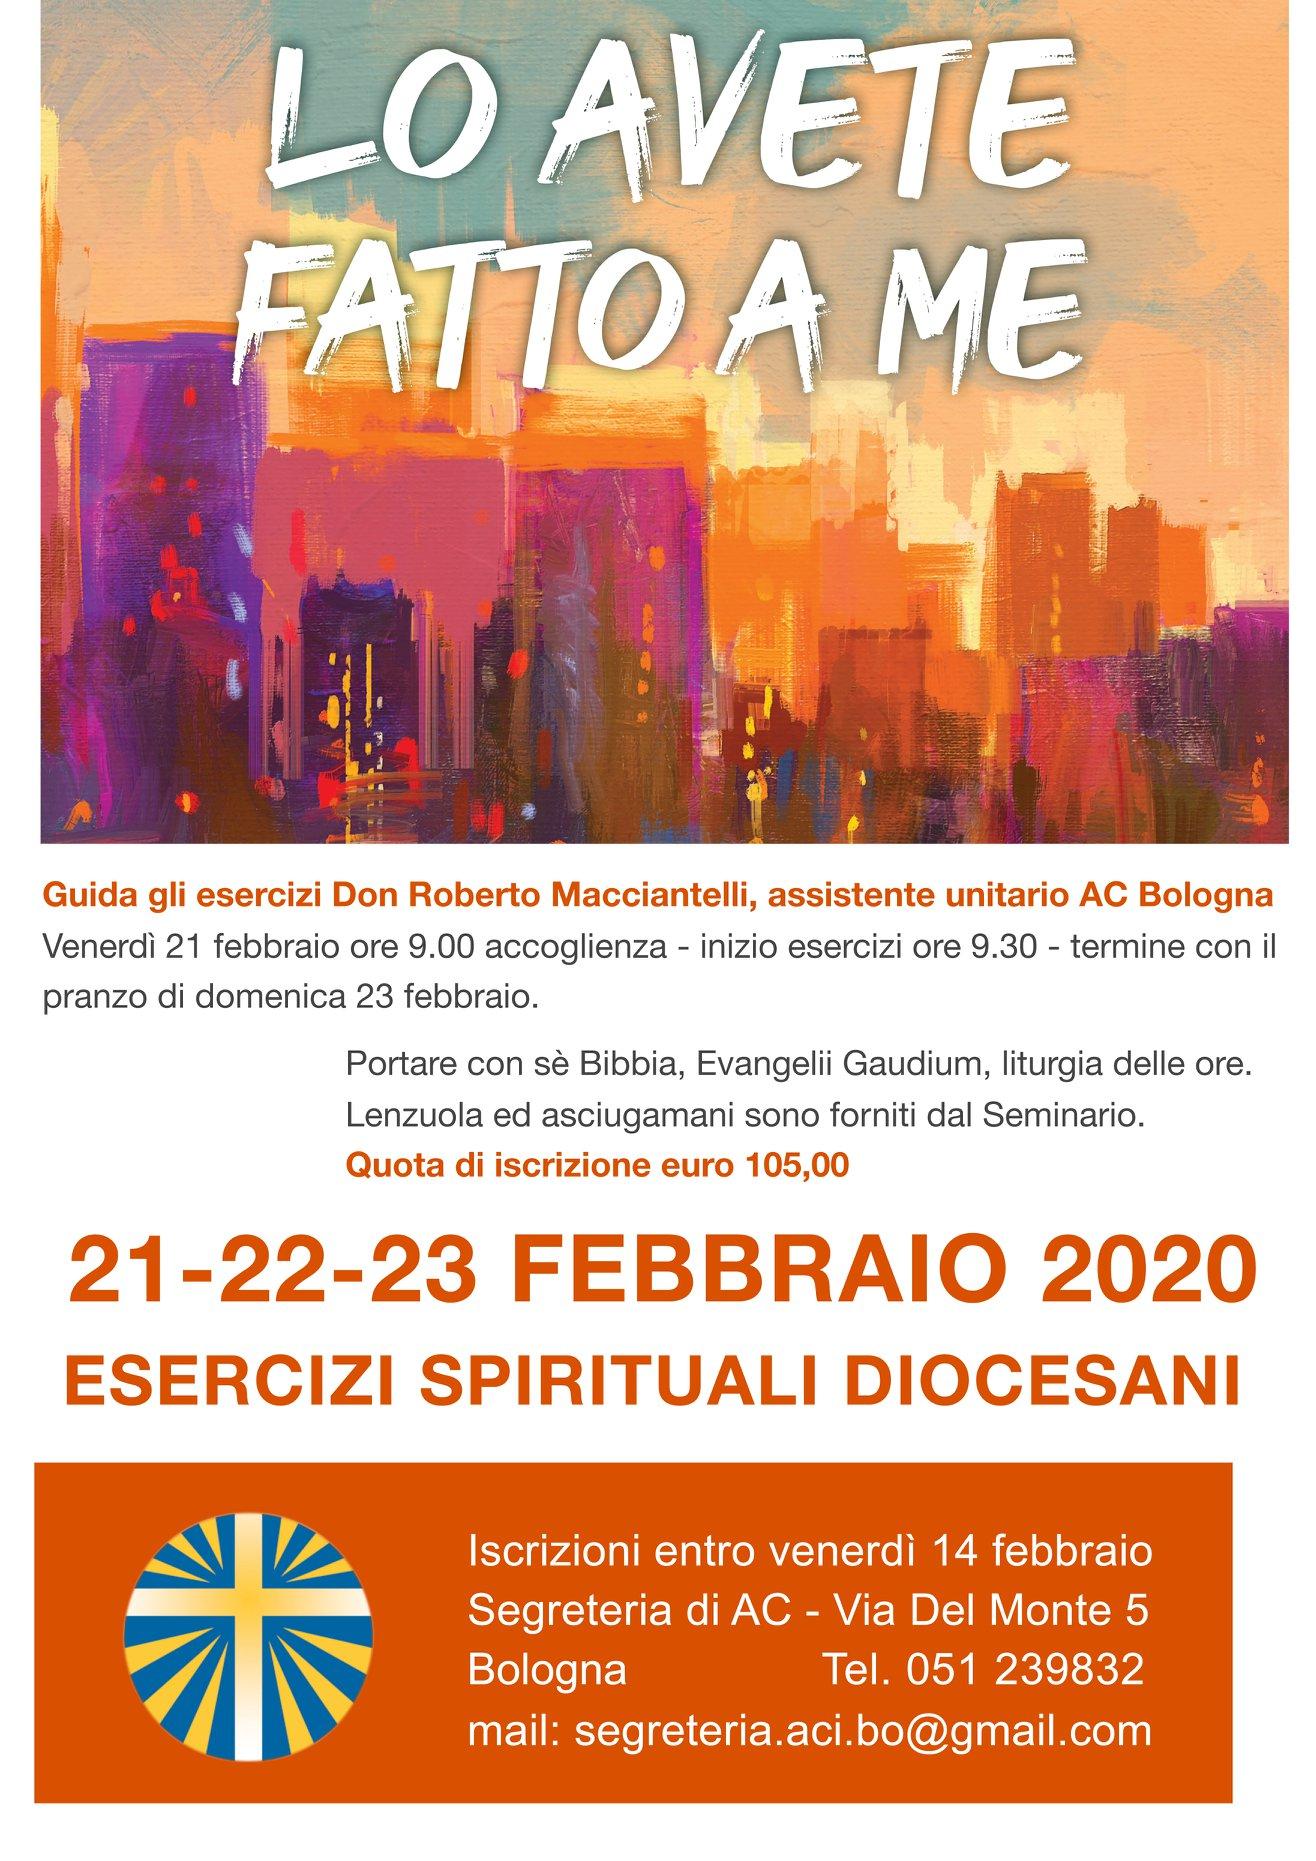 ESERCIZI SPIRITUALI DIOCESANI @ Seminario arcivescovile